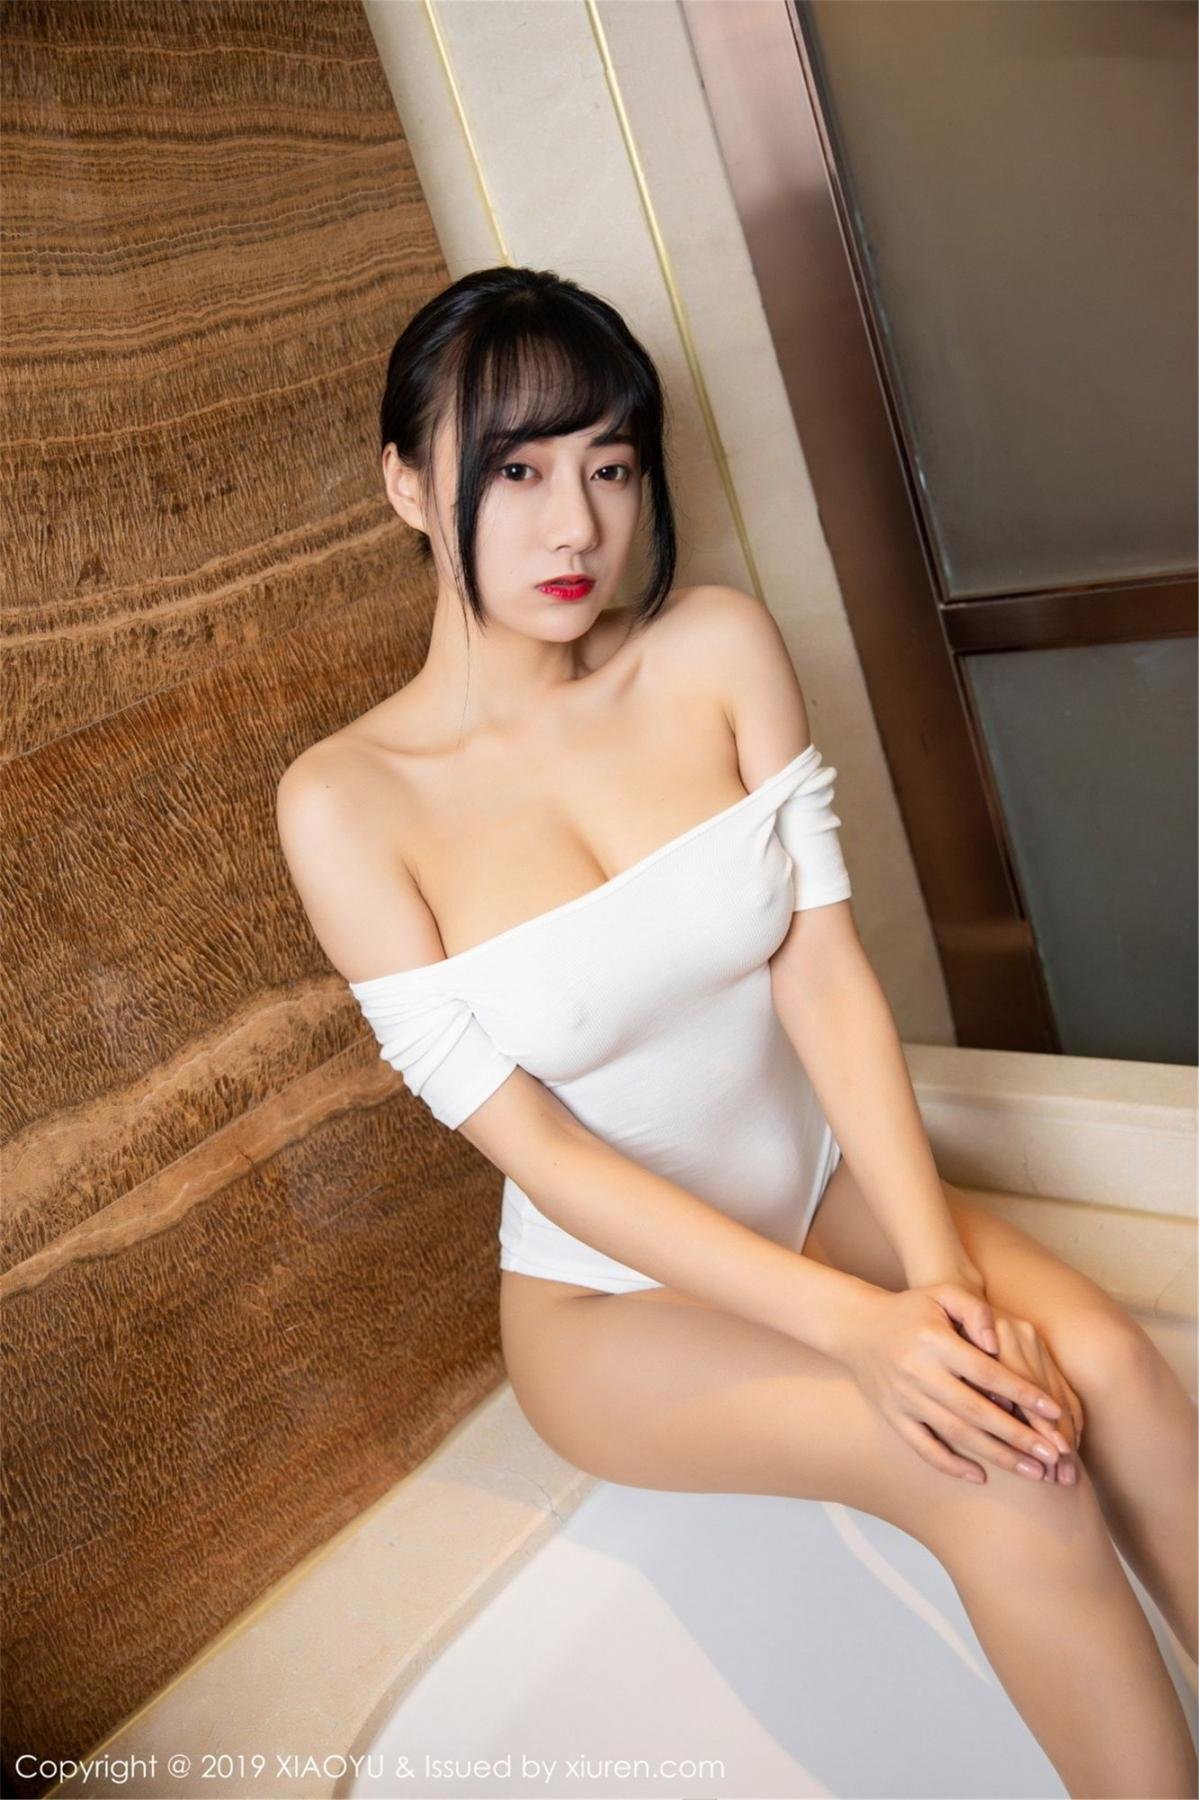 [XiaoYu] Vol.116 He Jia Ying 19P, Bathroom, He Jia Ying, Wet, XiaoYu